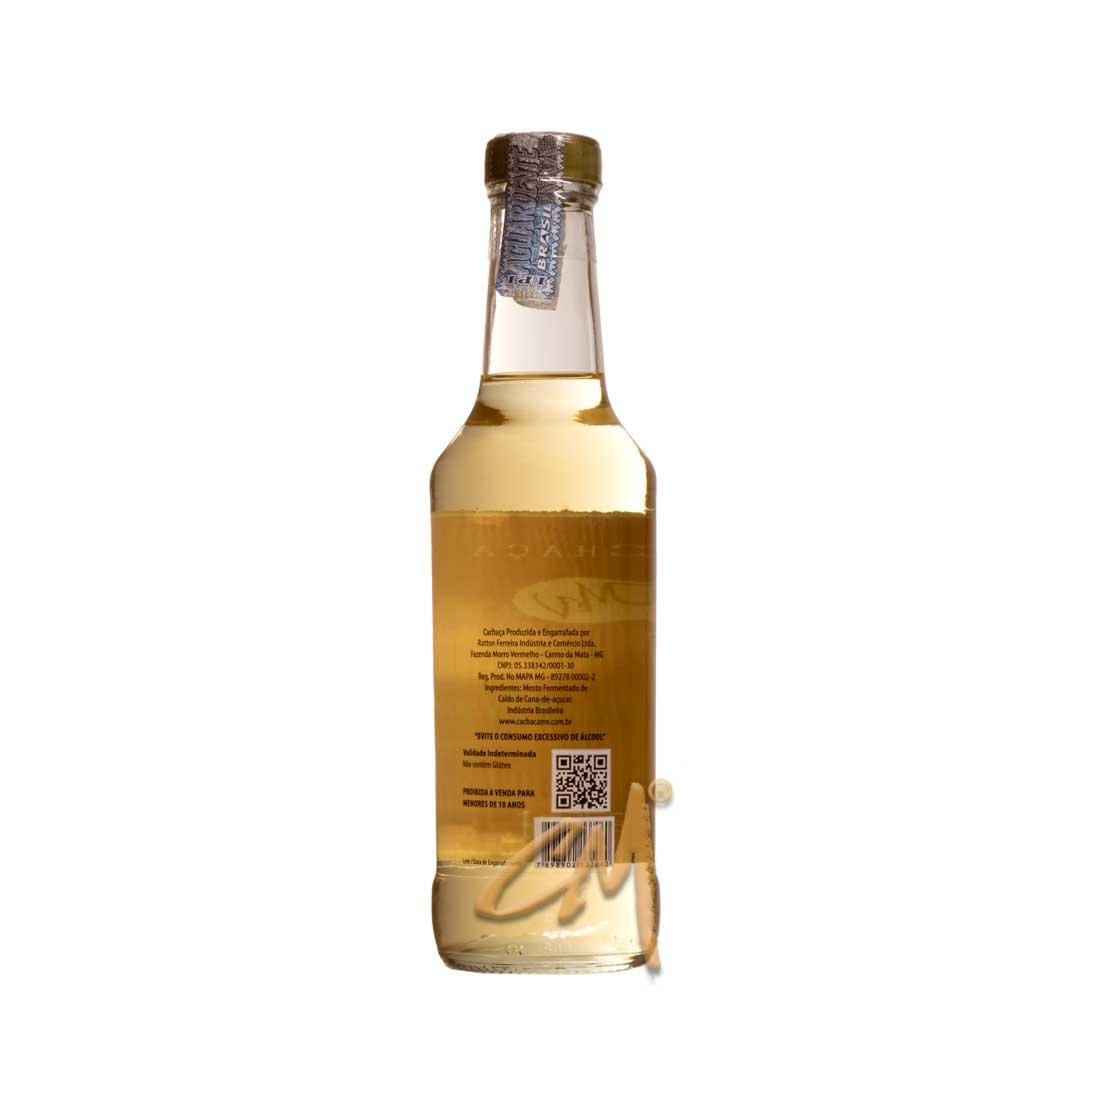 Cachaça Morro Vermelho Ouro 275 ml (Carmo da Mata - MG)